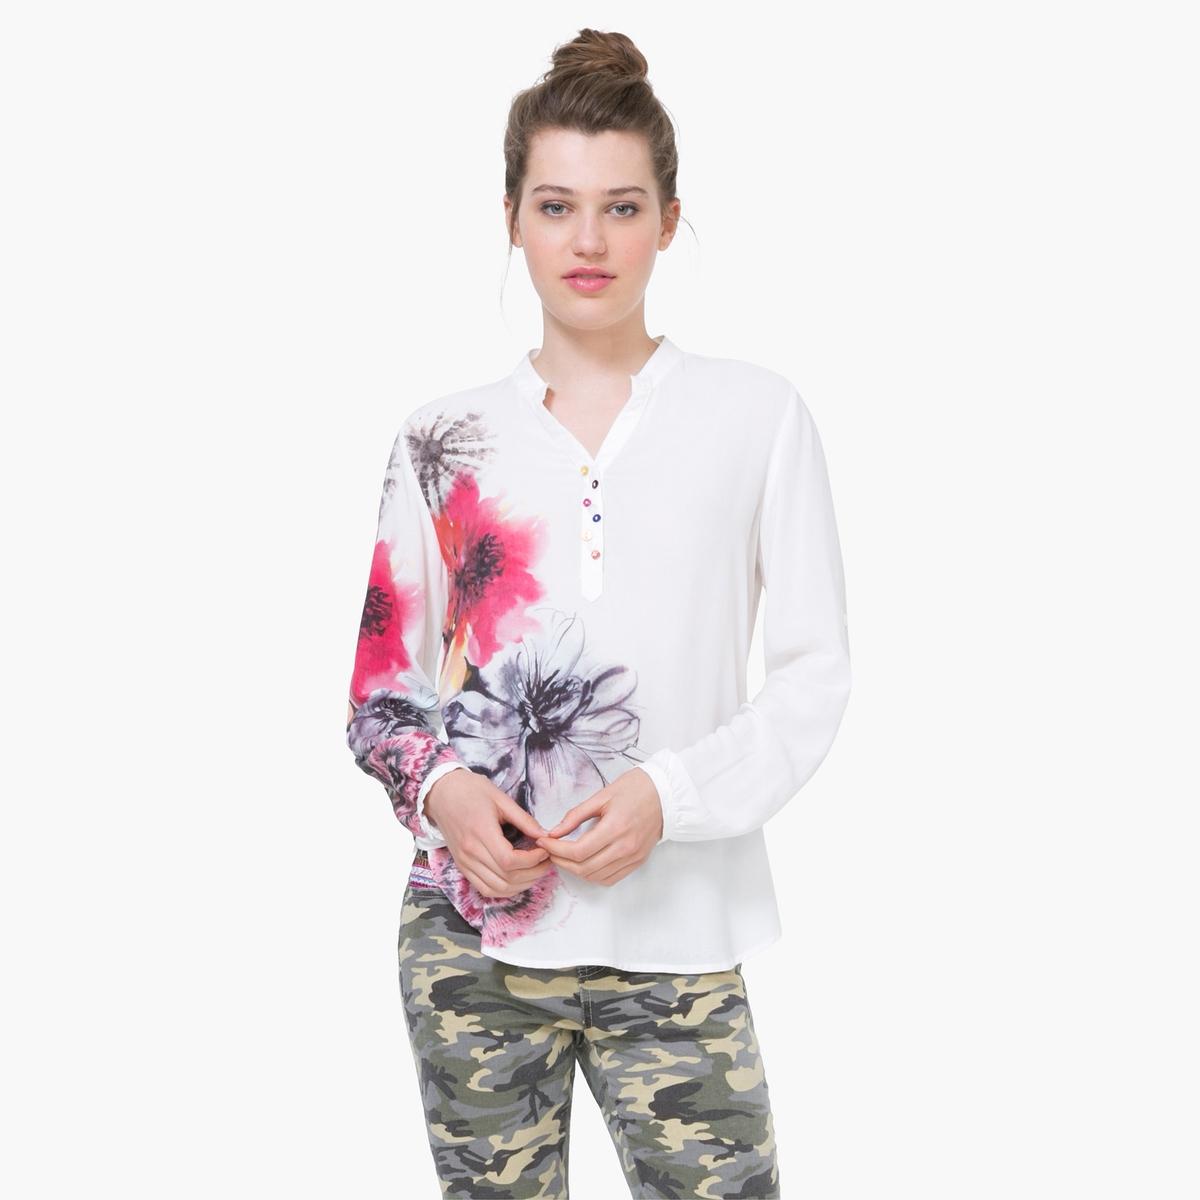 Блузка с рисунком и рукавами с отворотомМатериал : 100% вискоза   Длина рукава : Длинные рукава Форма воротника : Тунисский воротник Длина блузки  : Стандартная  Рисунок : С рисунком<br><br>Цвет: белый<br>Размер: M.L